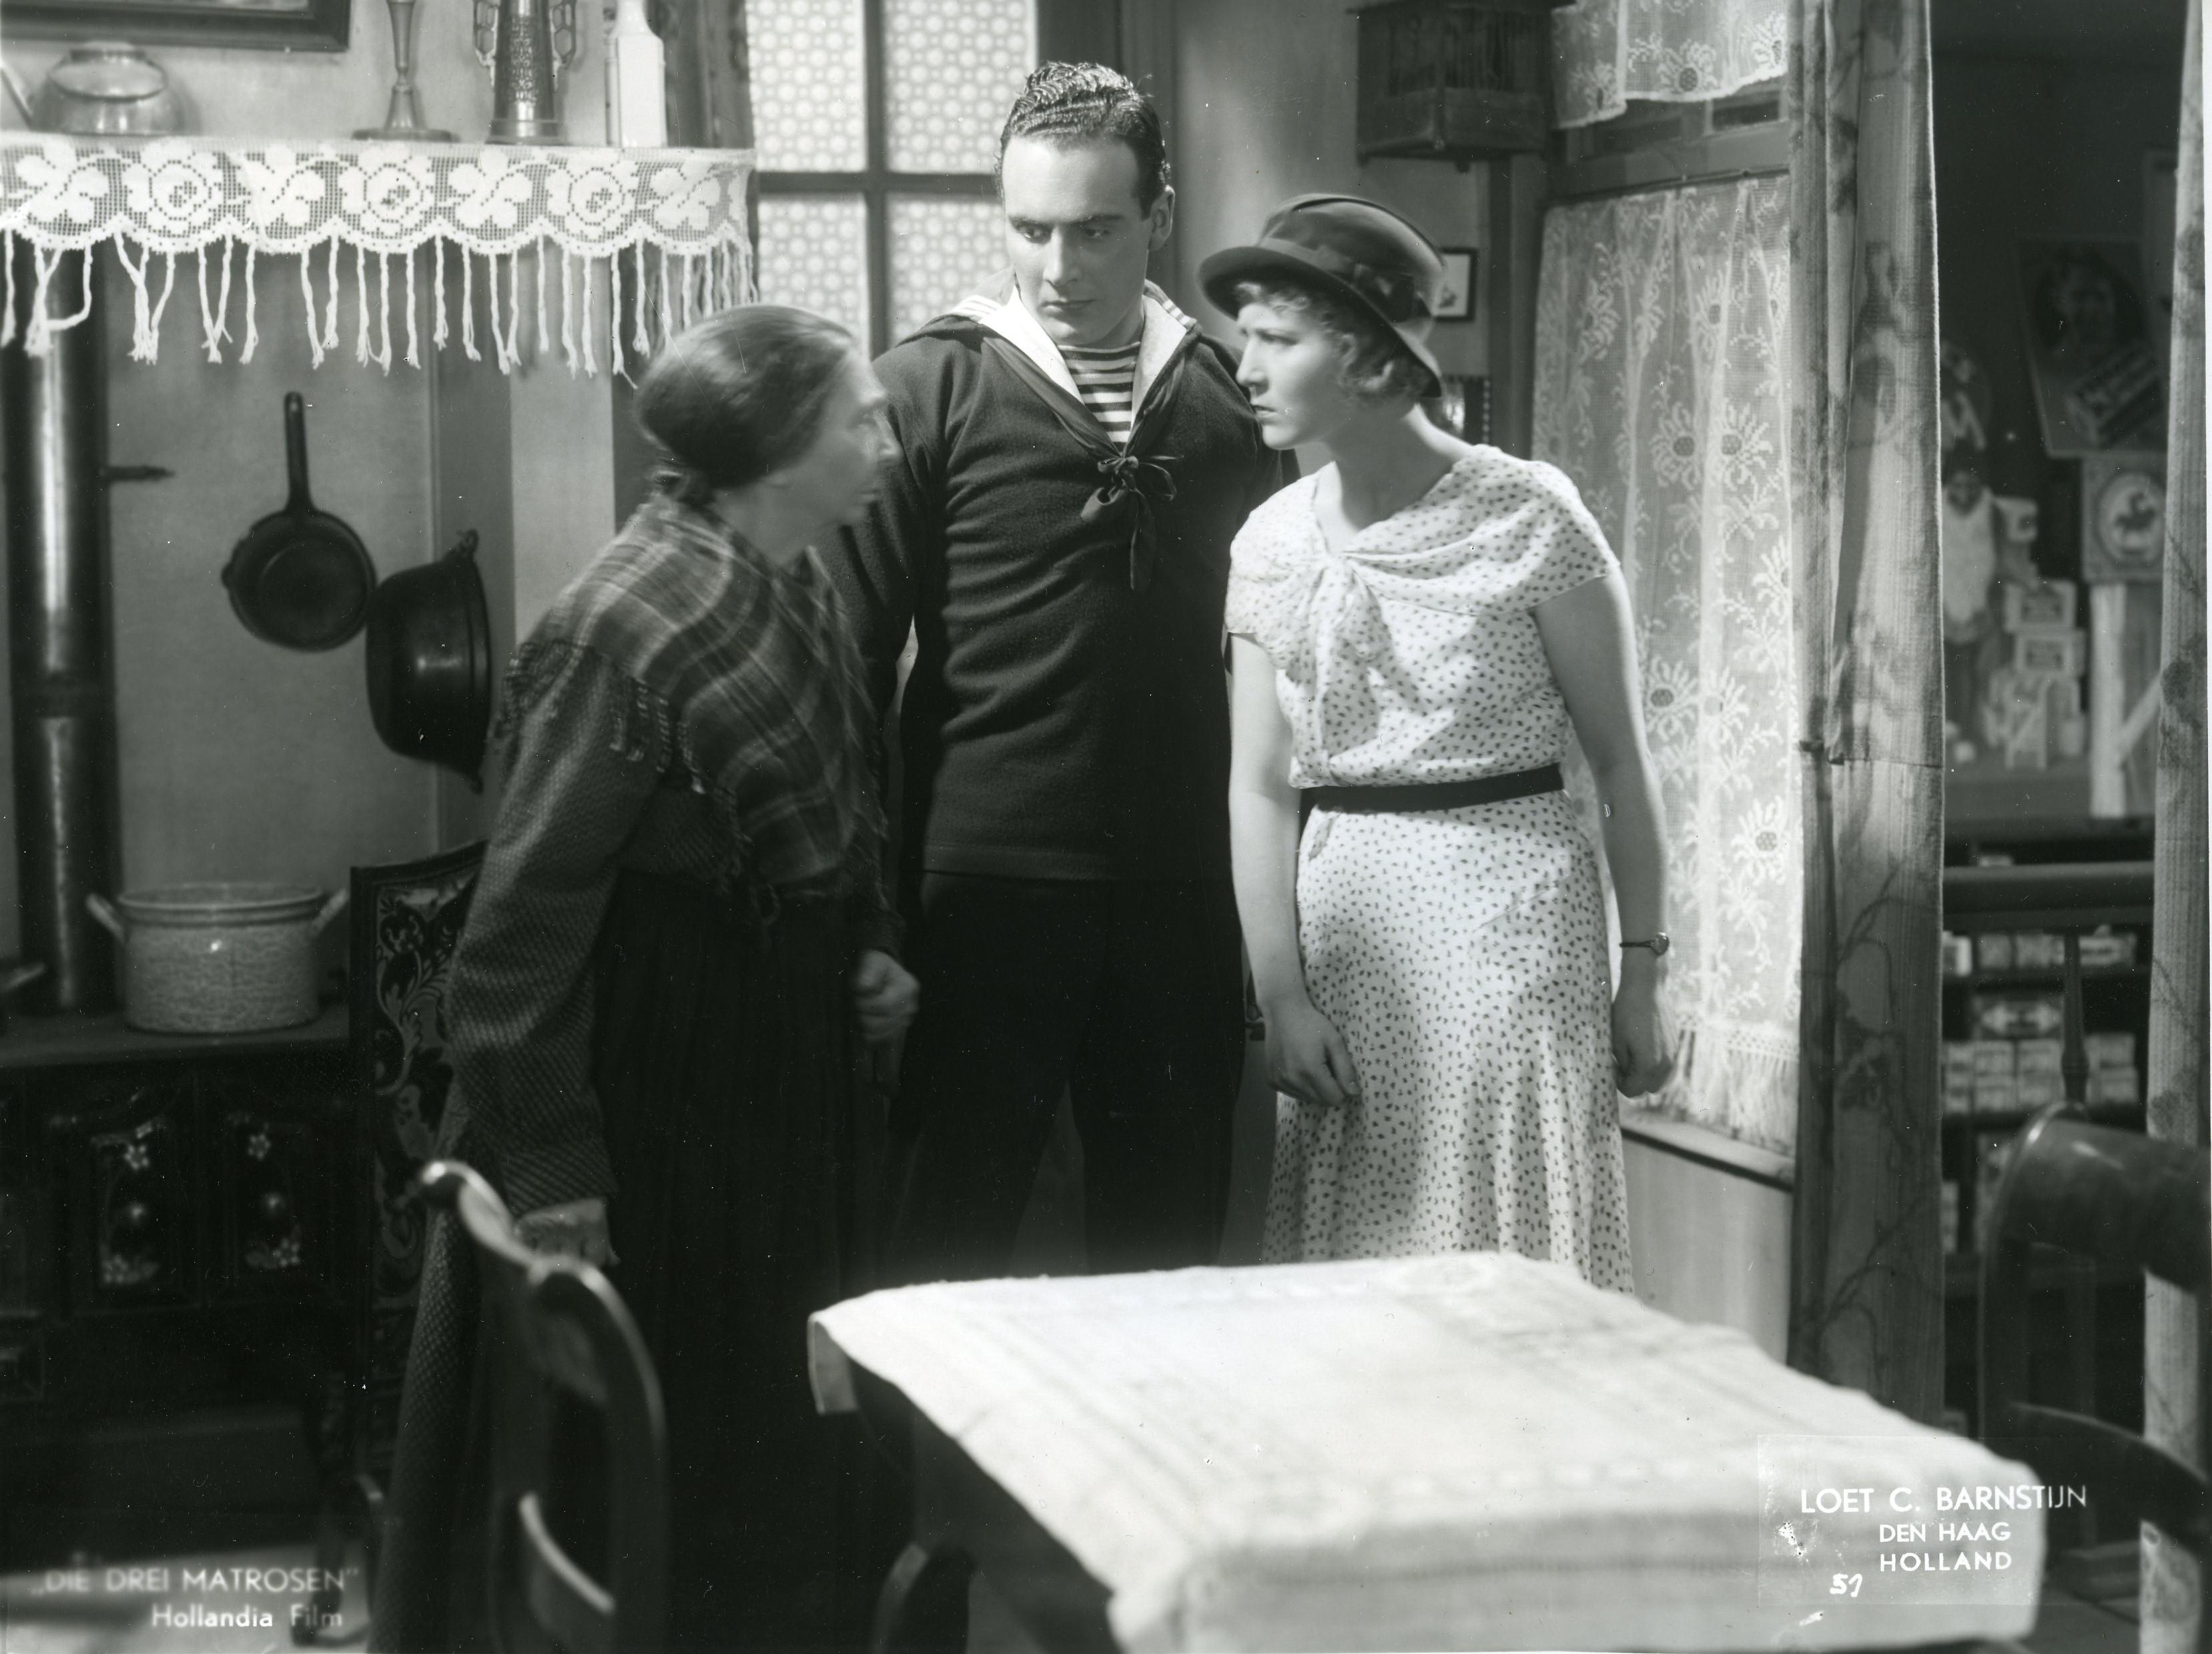 Vlnr: Aaf Bouber in de rol van Tante Piet, Willy Castello als Dolle Dries en Susie Klein in de rol van Blonde Greet.